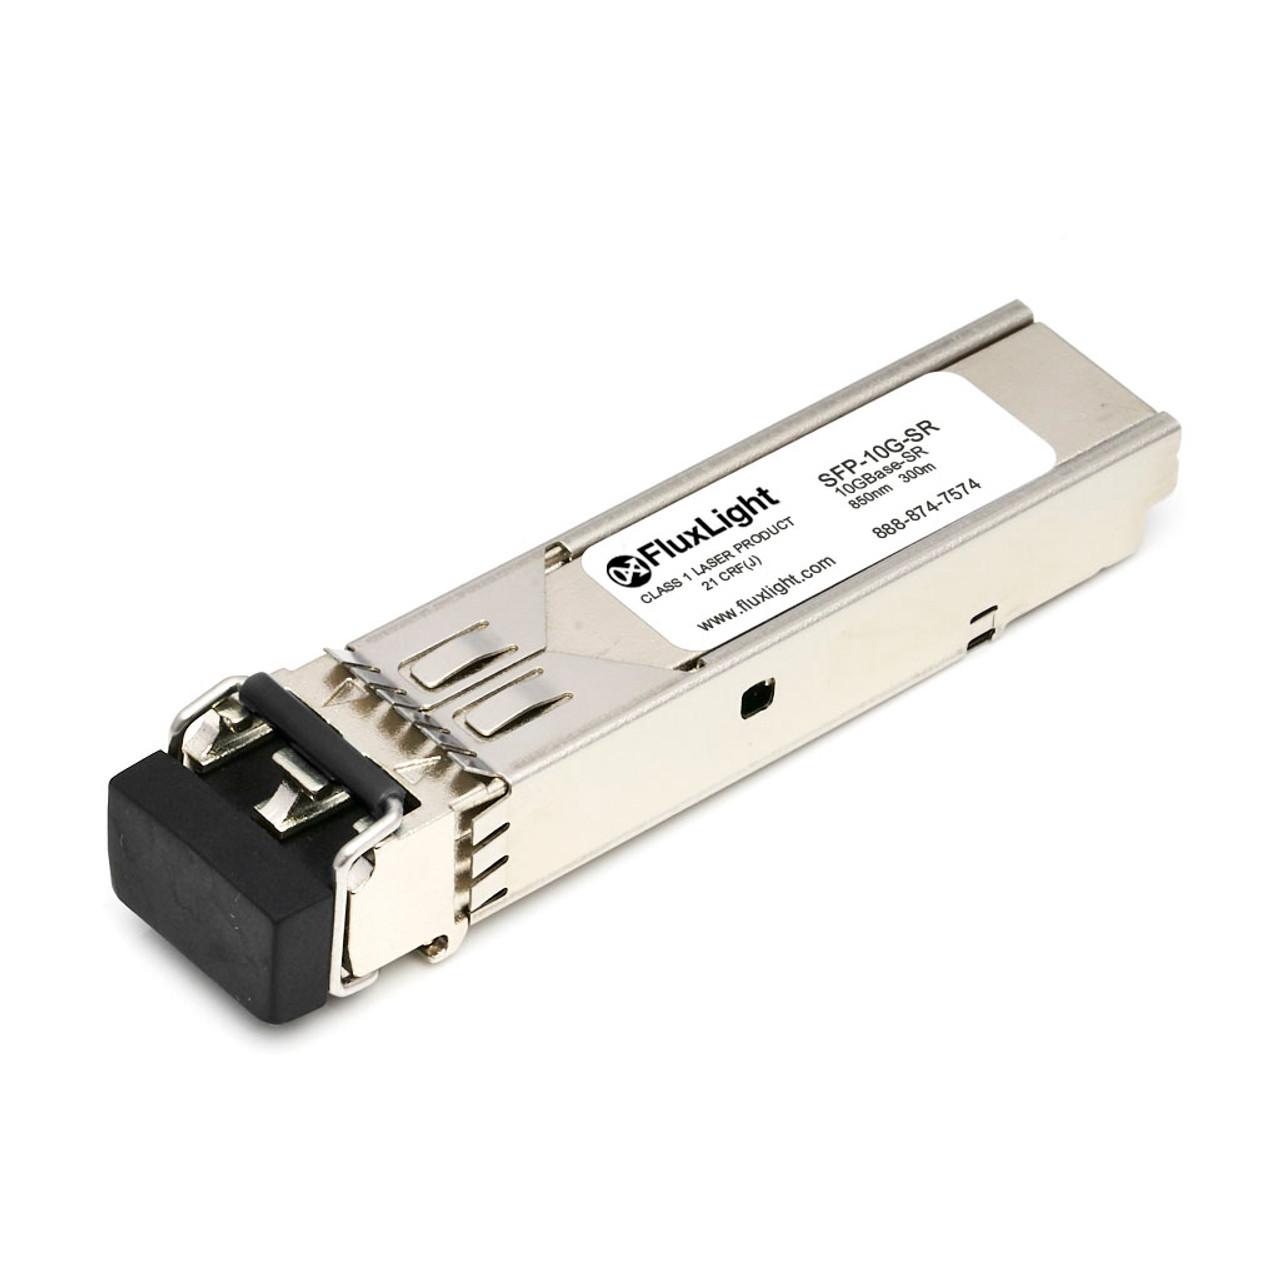 SFP-10G-SR Cisco Compatible (10GBase-SR) Optical Transceiver